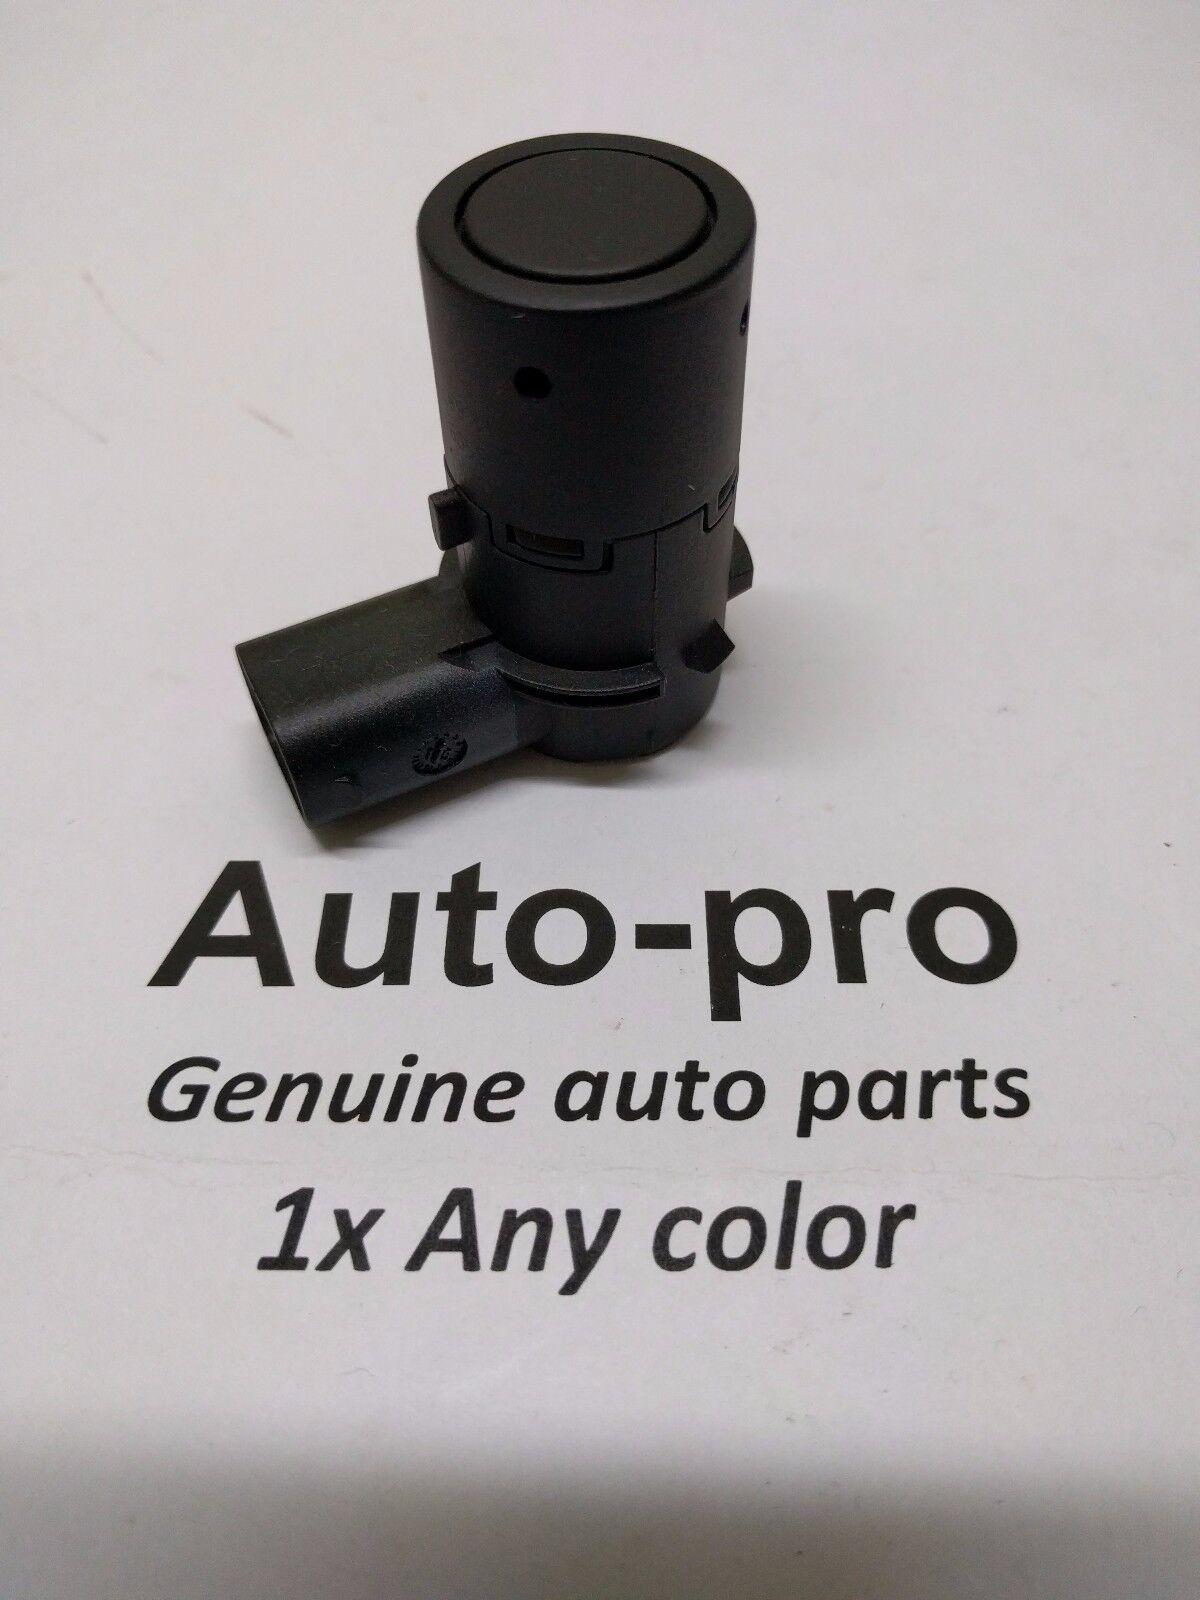 NEW Original Valeo Parking Sensor for BMW 5 Series E39 E60 E61 LCI Black 6989068